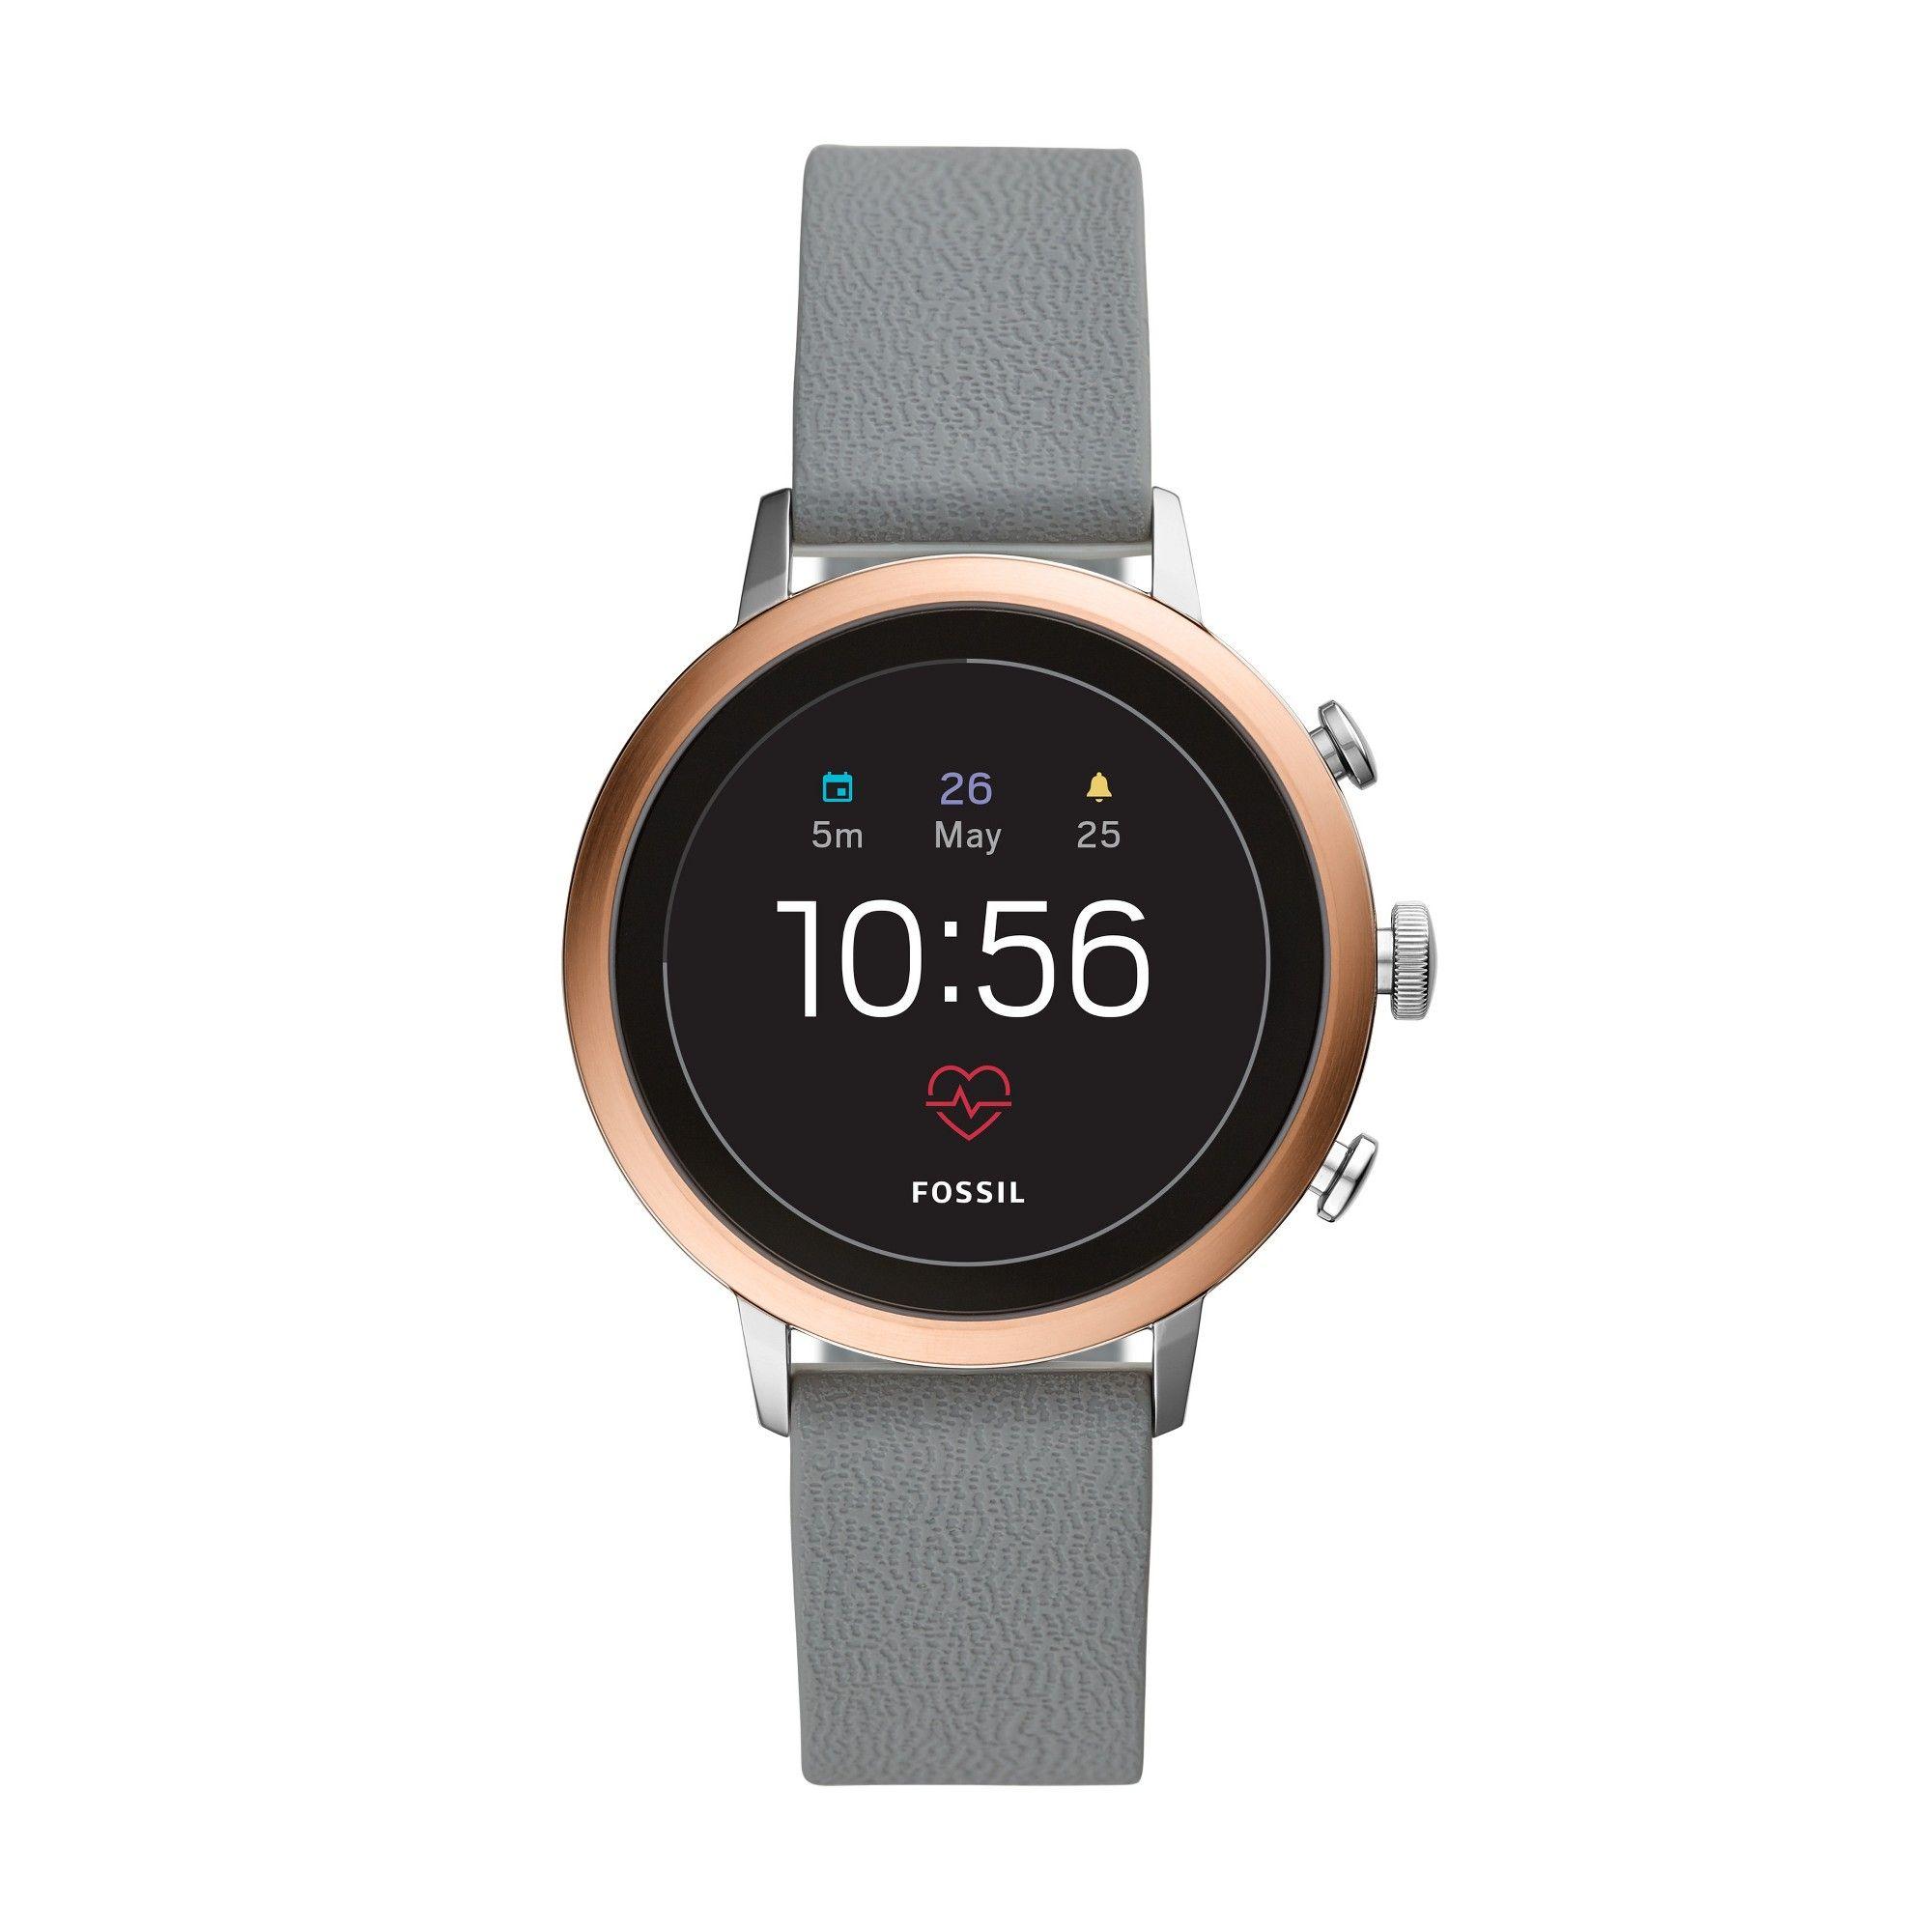 Fossil Gen 4 Smartwatch Venture HR 40mm Gray Silicone